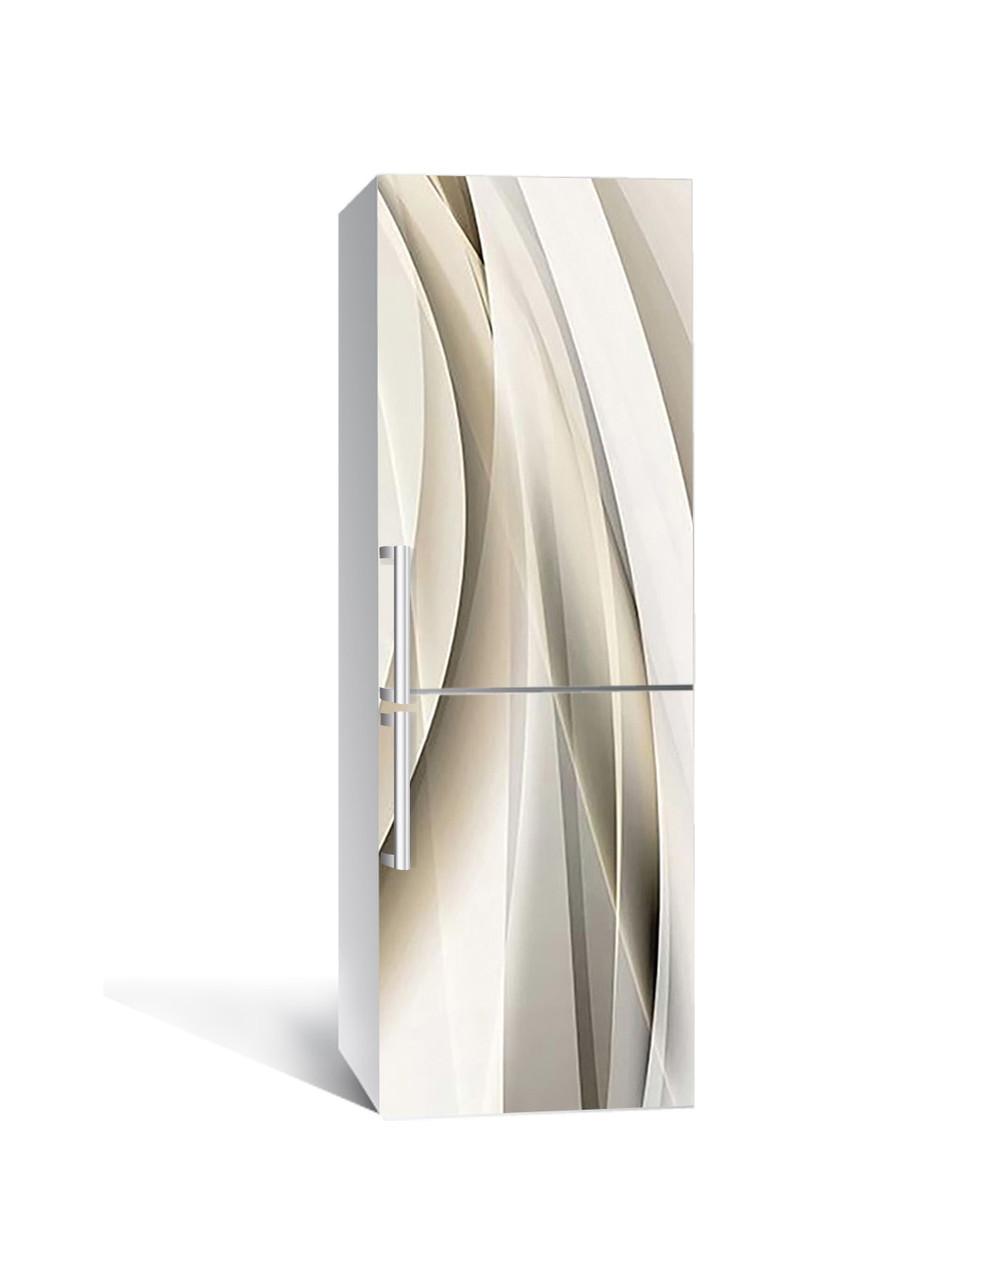 Виниловая 3Д наклейка на холодильник Бежевая Абстракция 3Д (ПВХ пленка самоклеющаяся) Линии шелк 650*2000 мм